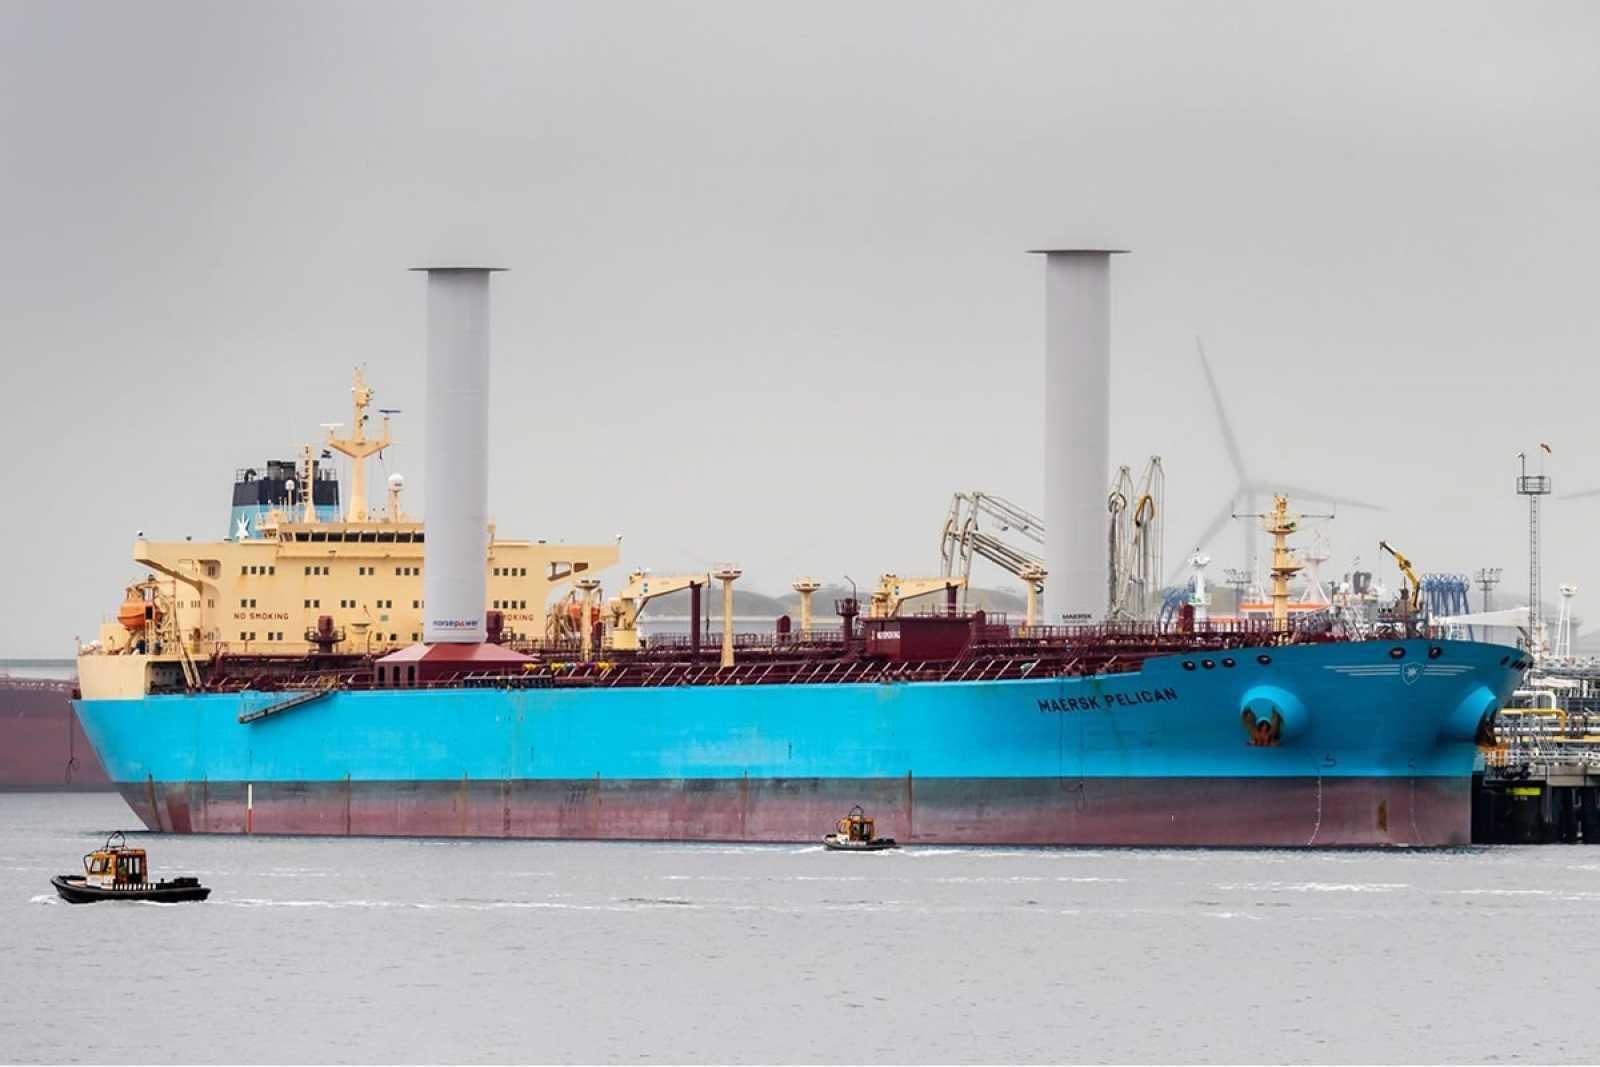 Maersk pelican